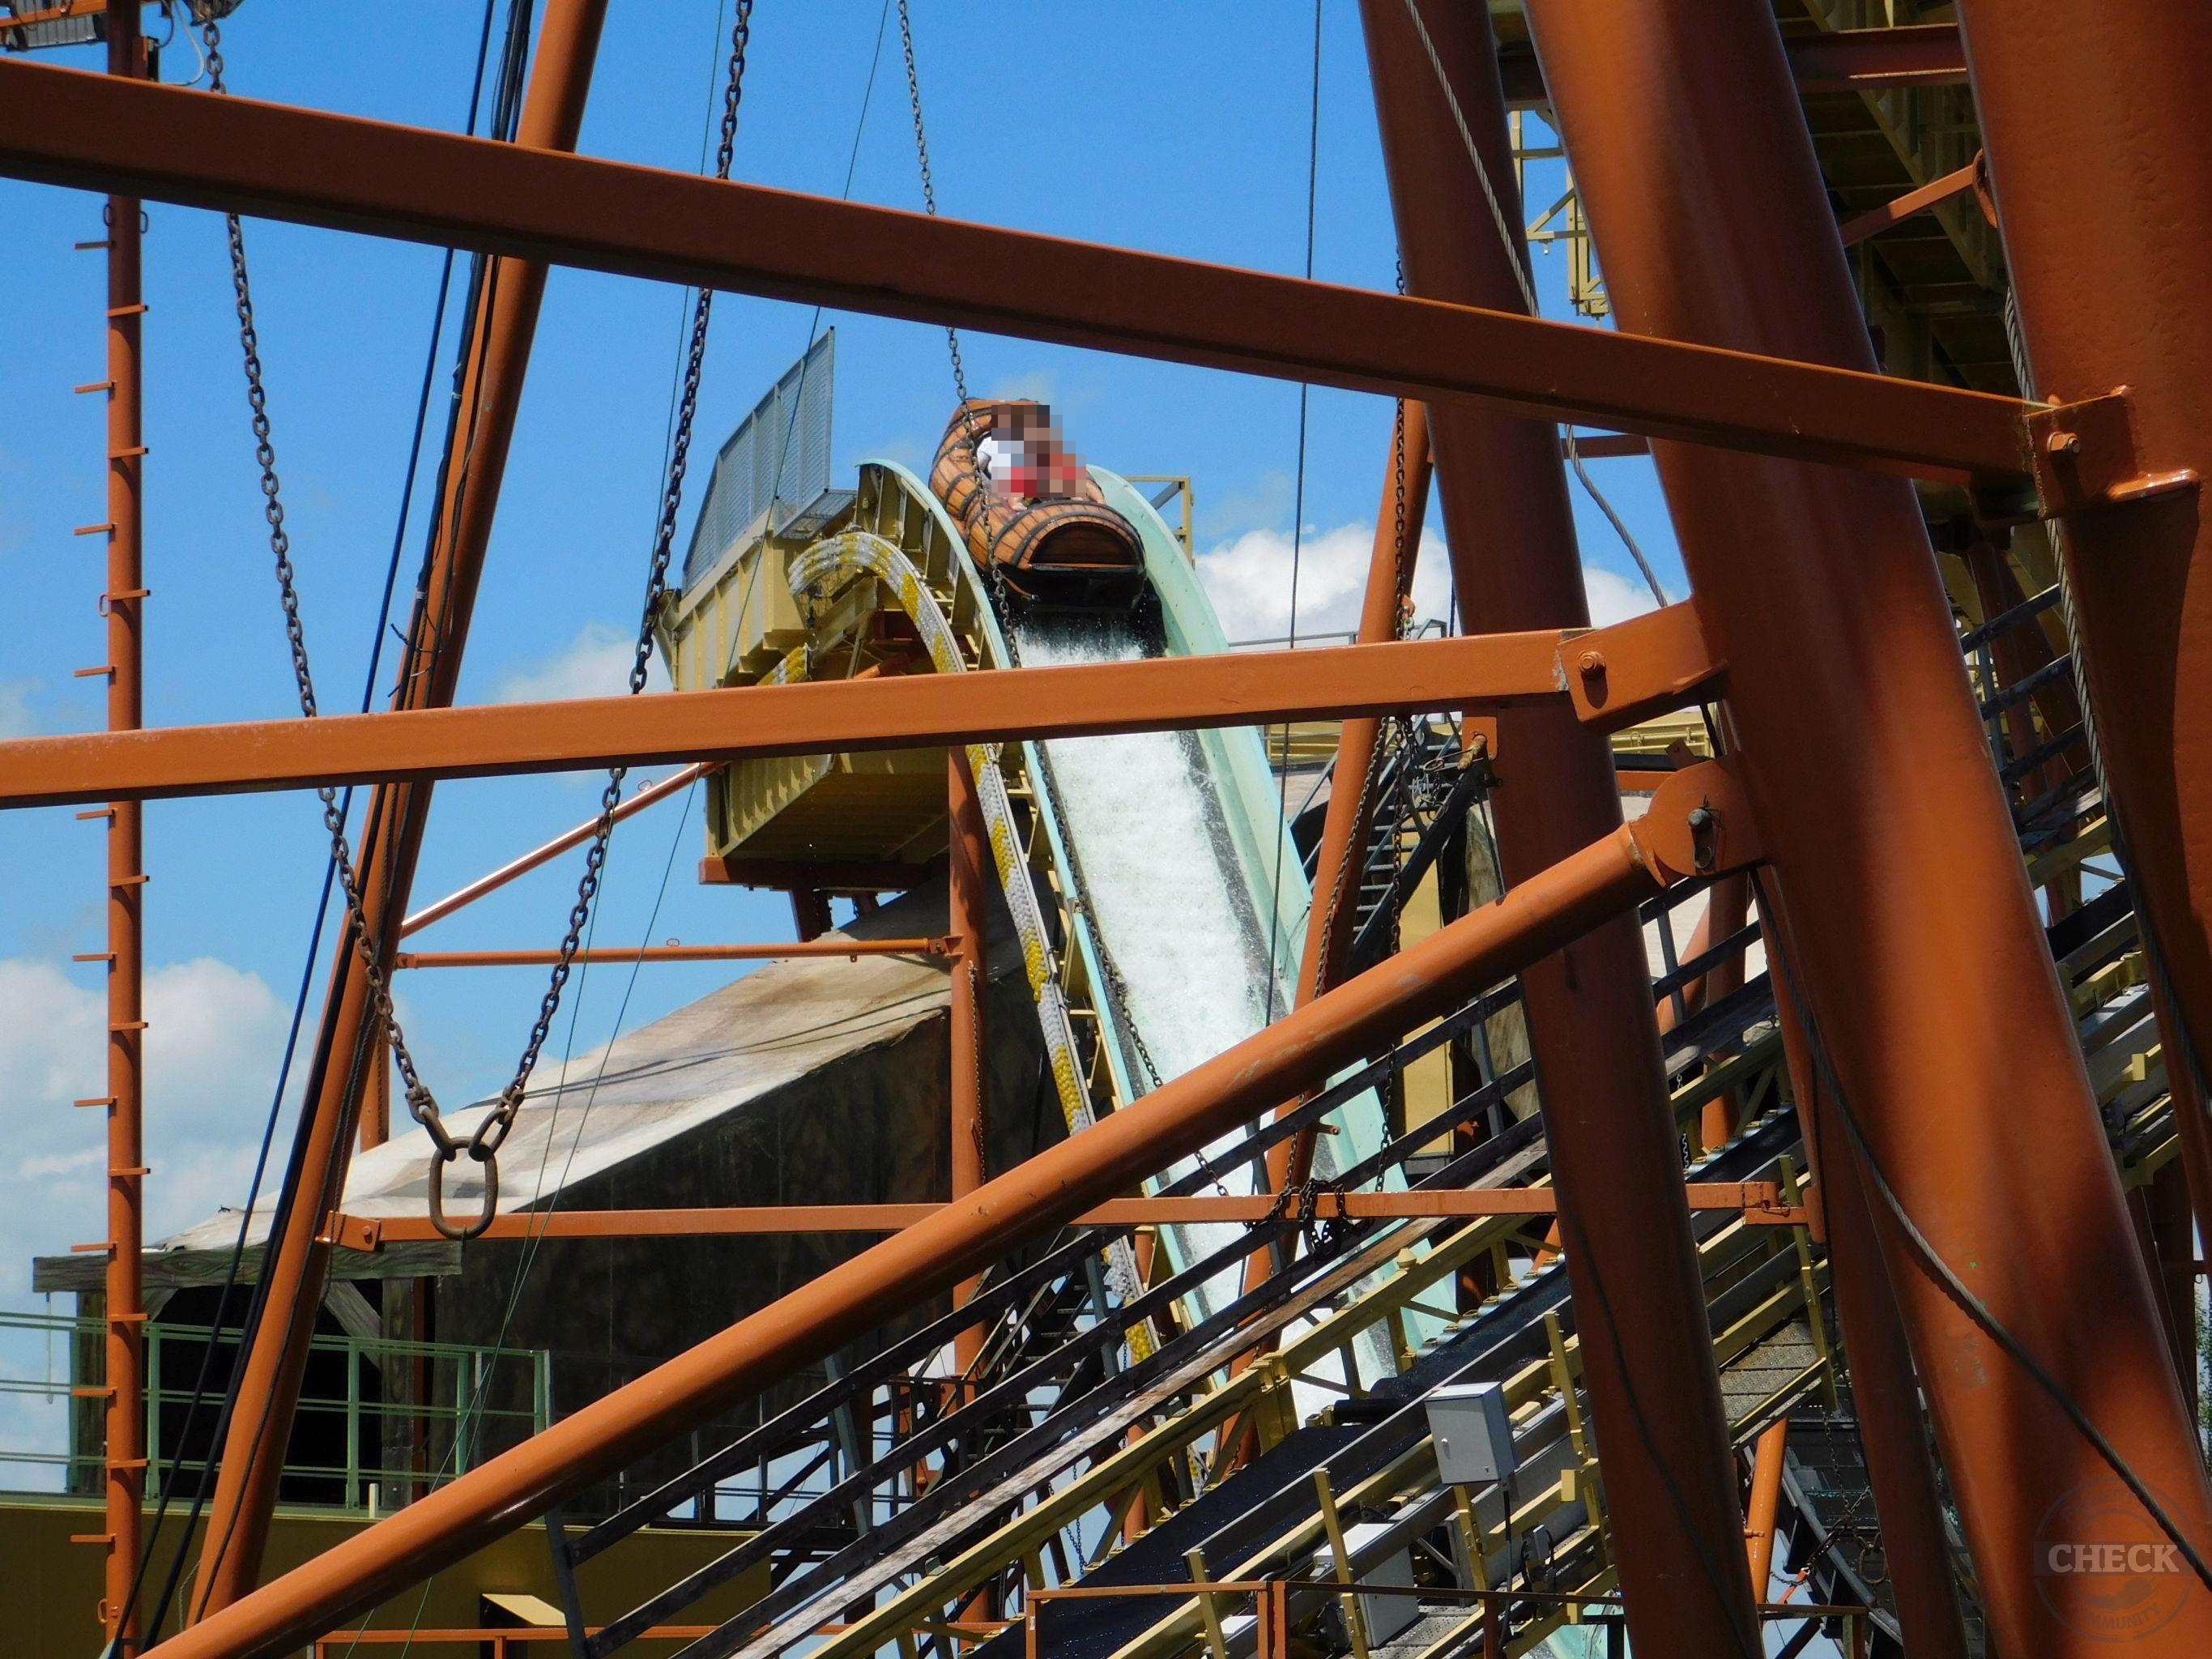 SkylinePark - Wildwasserbahn 2 - es geht abwärts